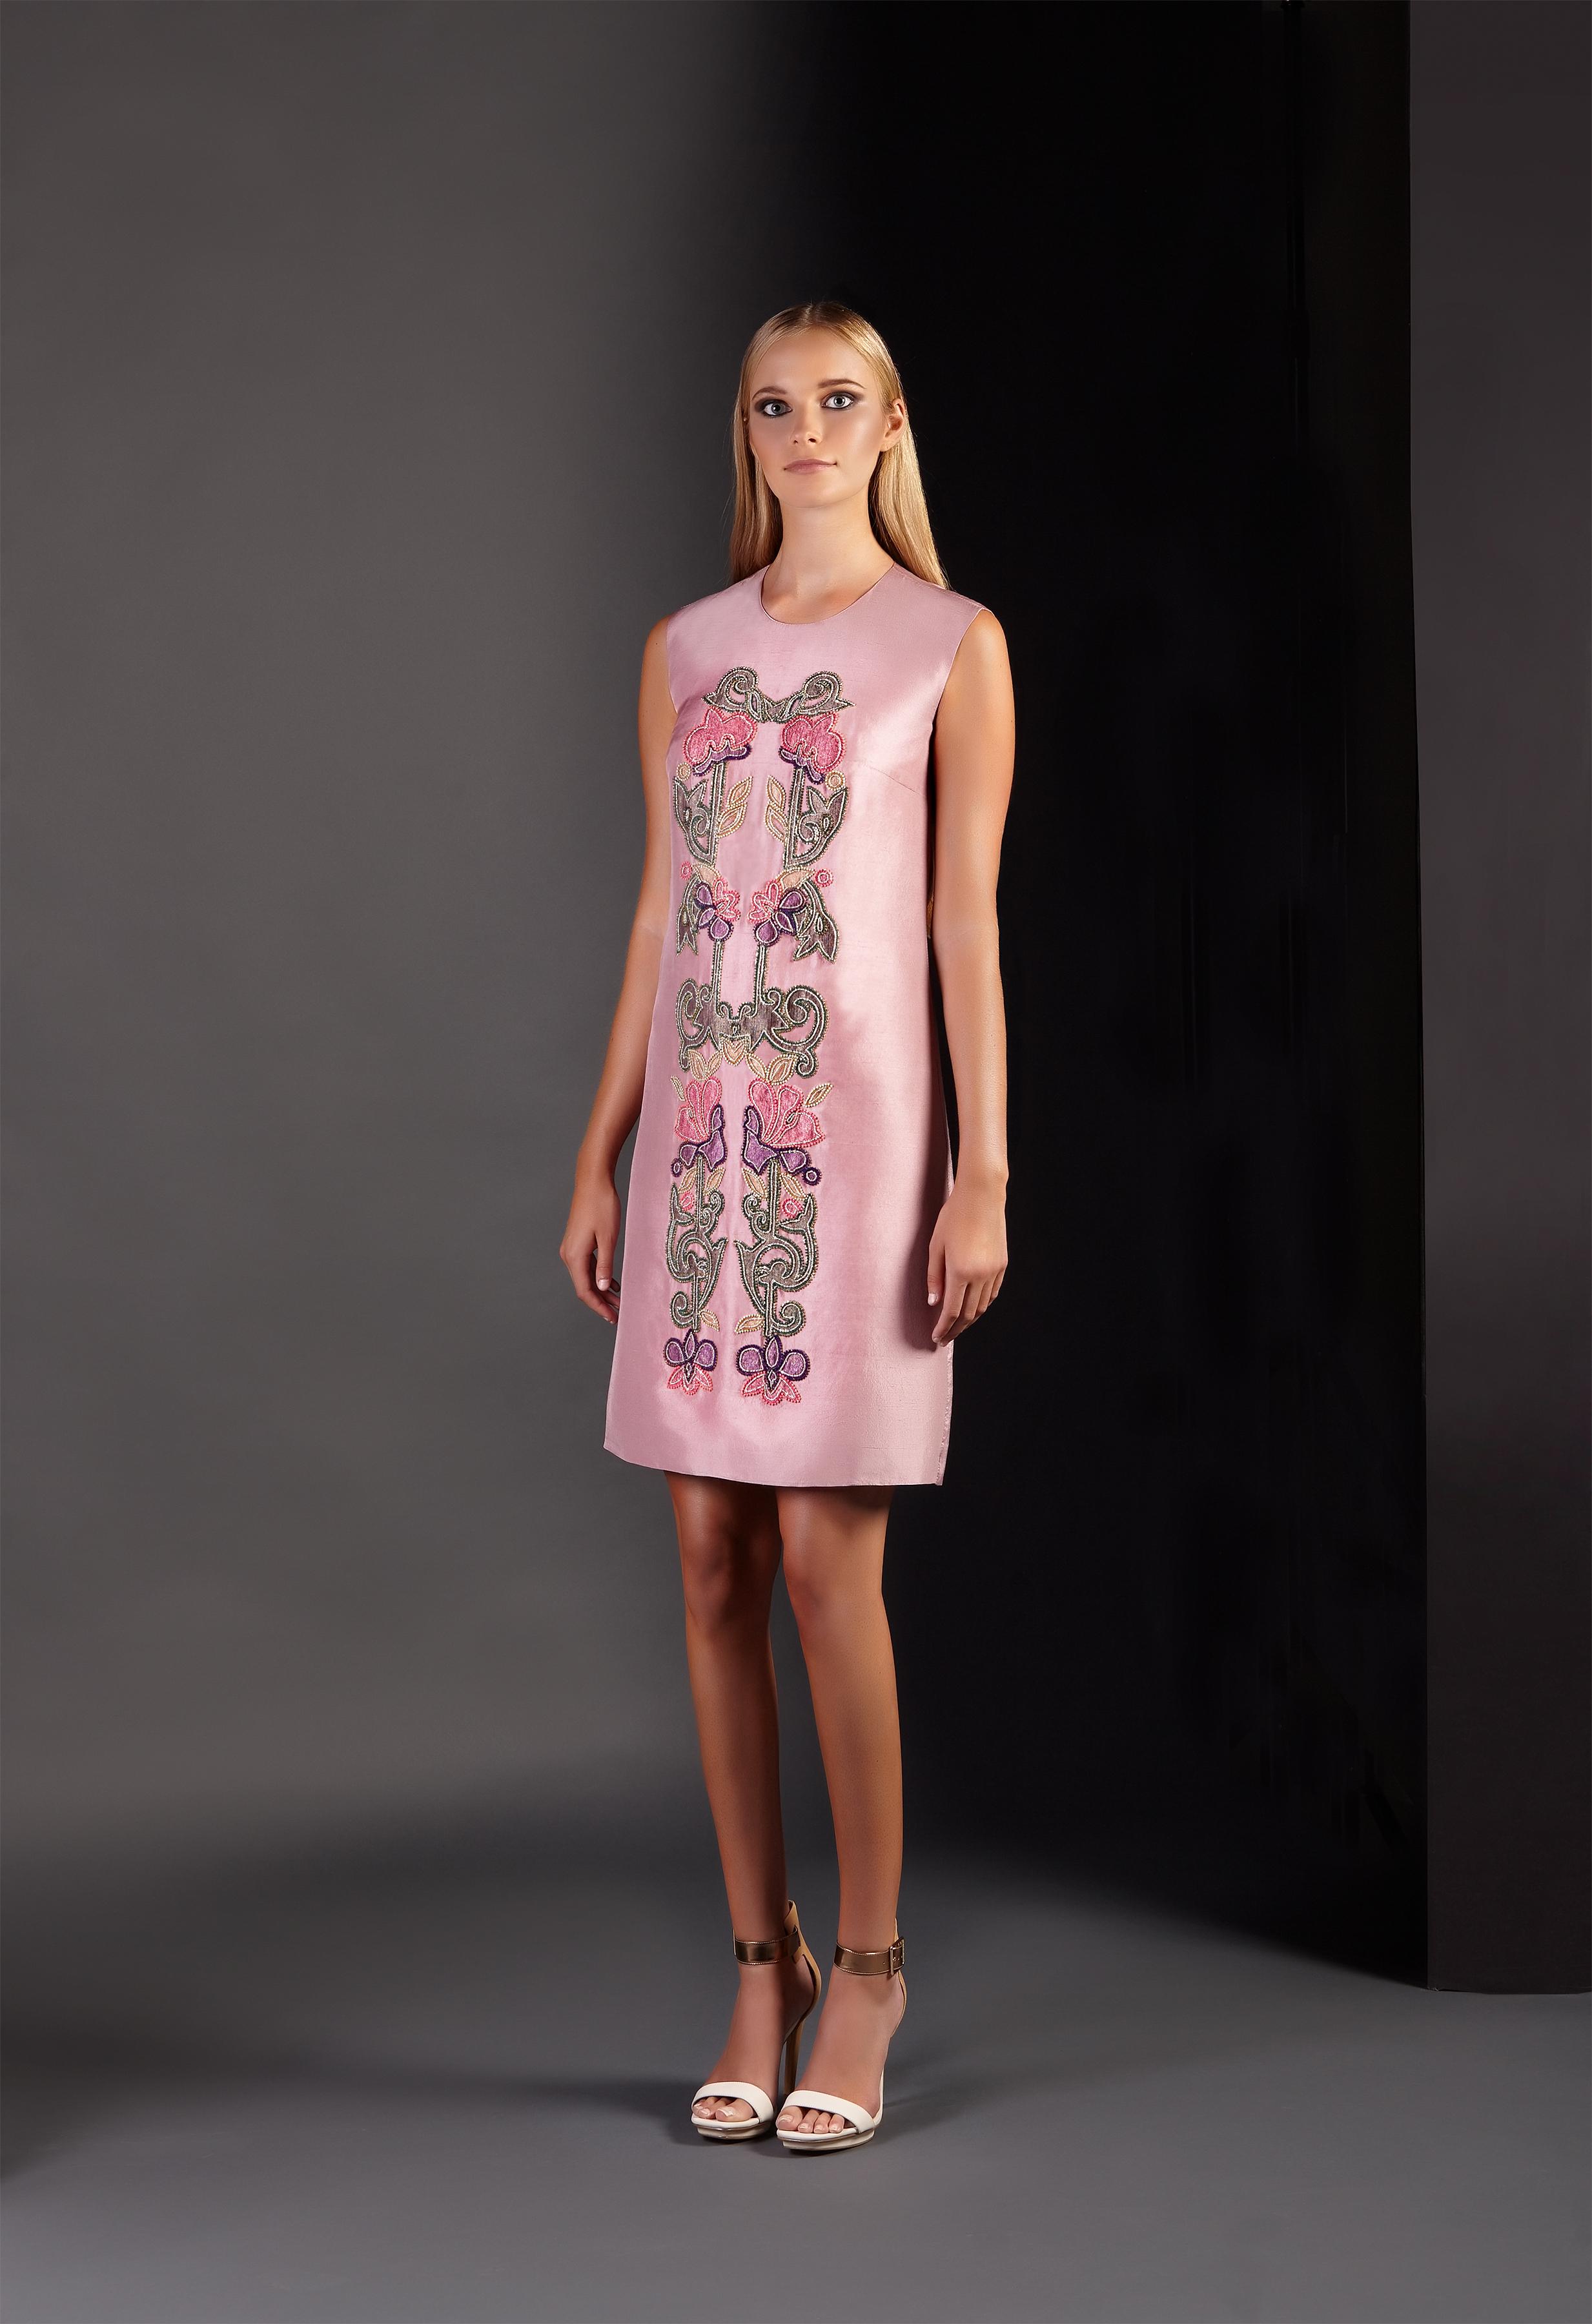 Floral_Embellished_Shift_Dress3.jpg